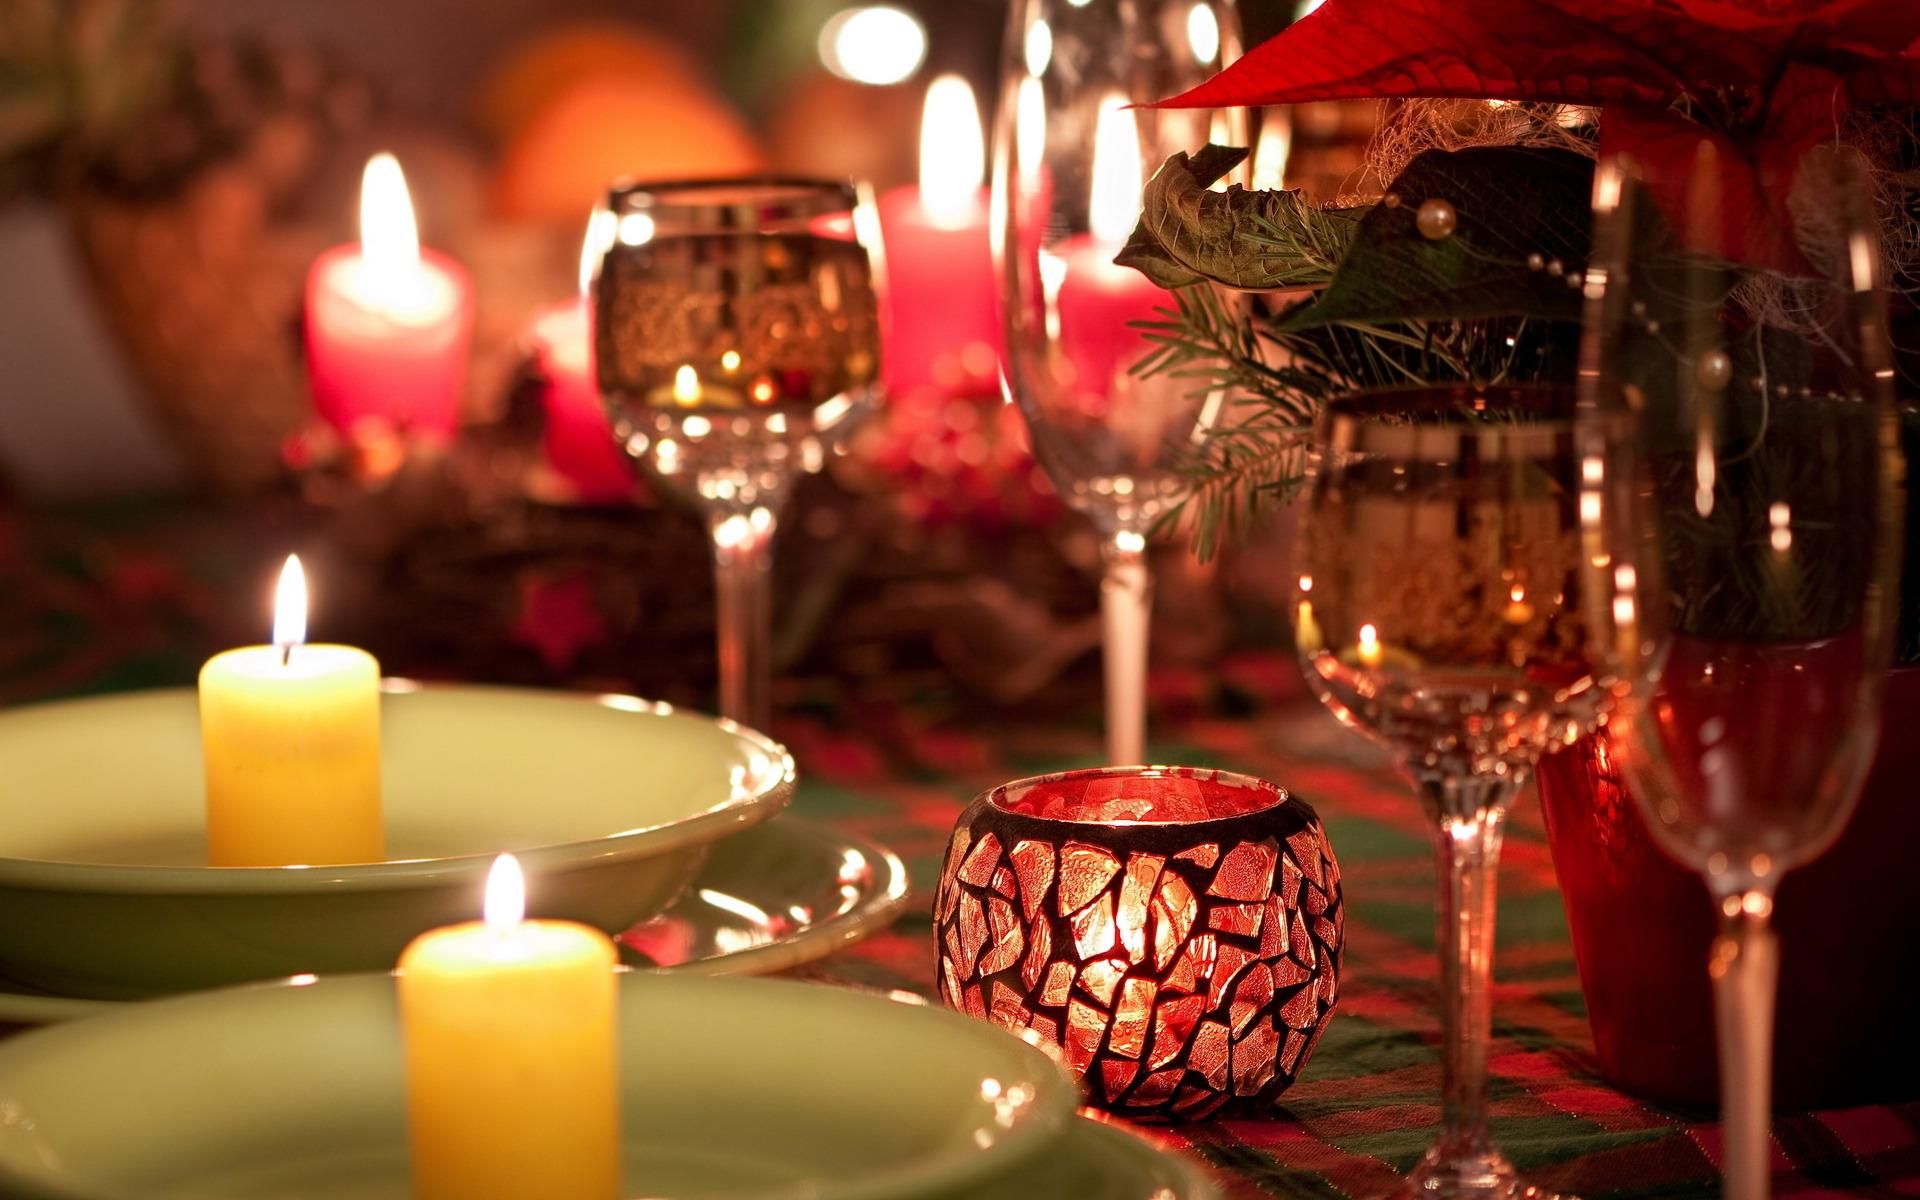 розы, желтые, сервировка, фужеры, свечи загрузить